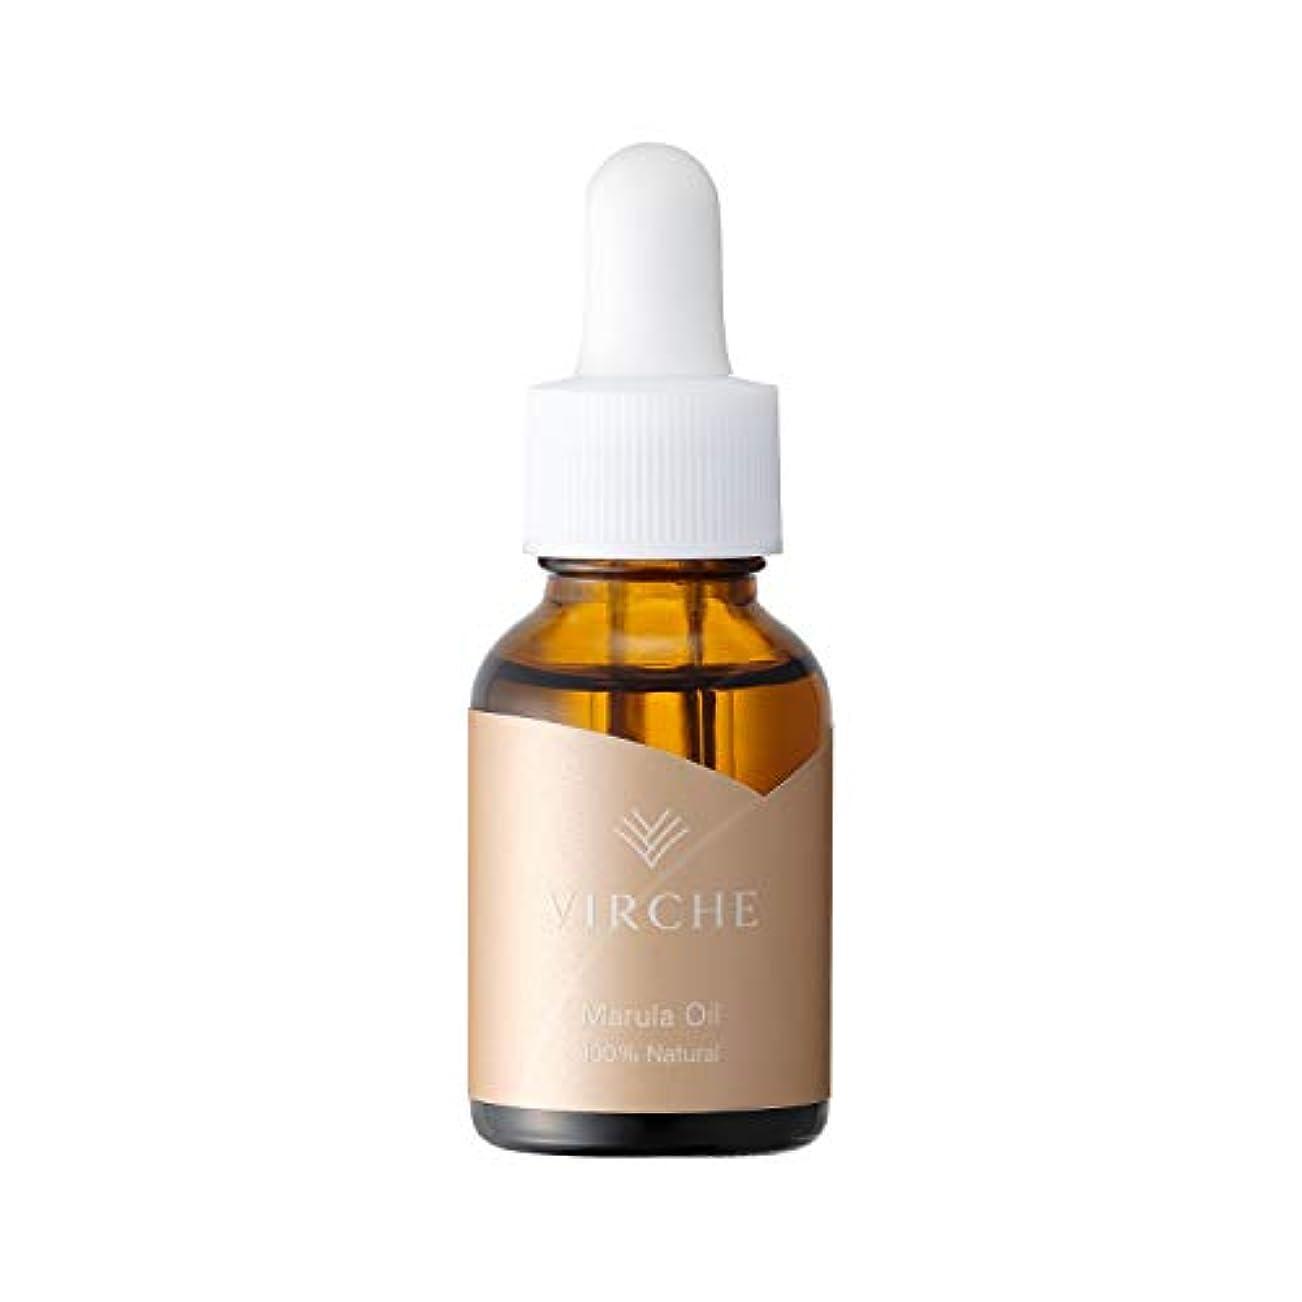 パスタコイル立法マルラオイル(Marula Oil)国内で品質管理/無香料/防腐剤、香料、着色料すべて無添加の美容オイル/18ml(髪など全身に使えて約30日分)